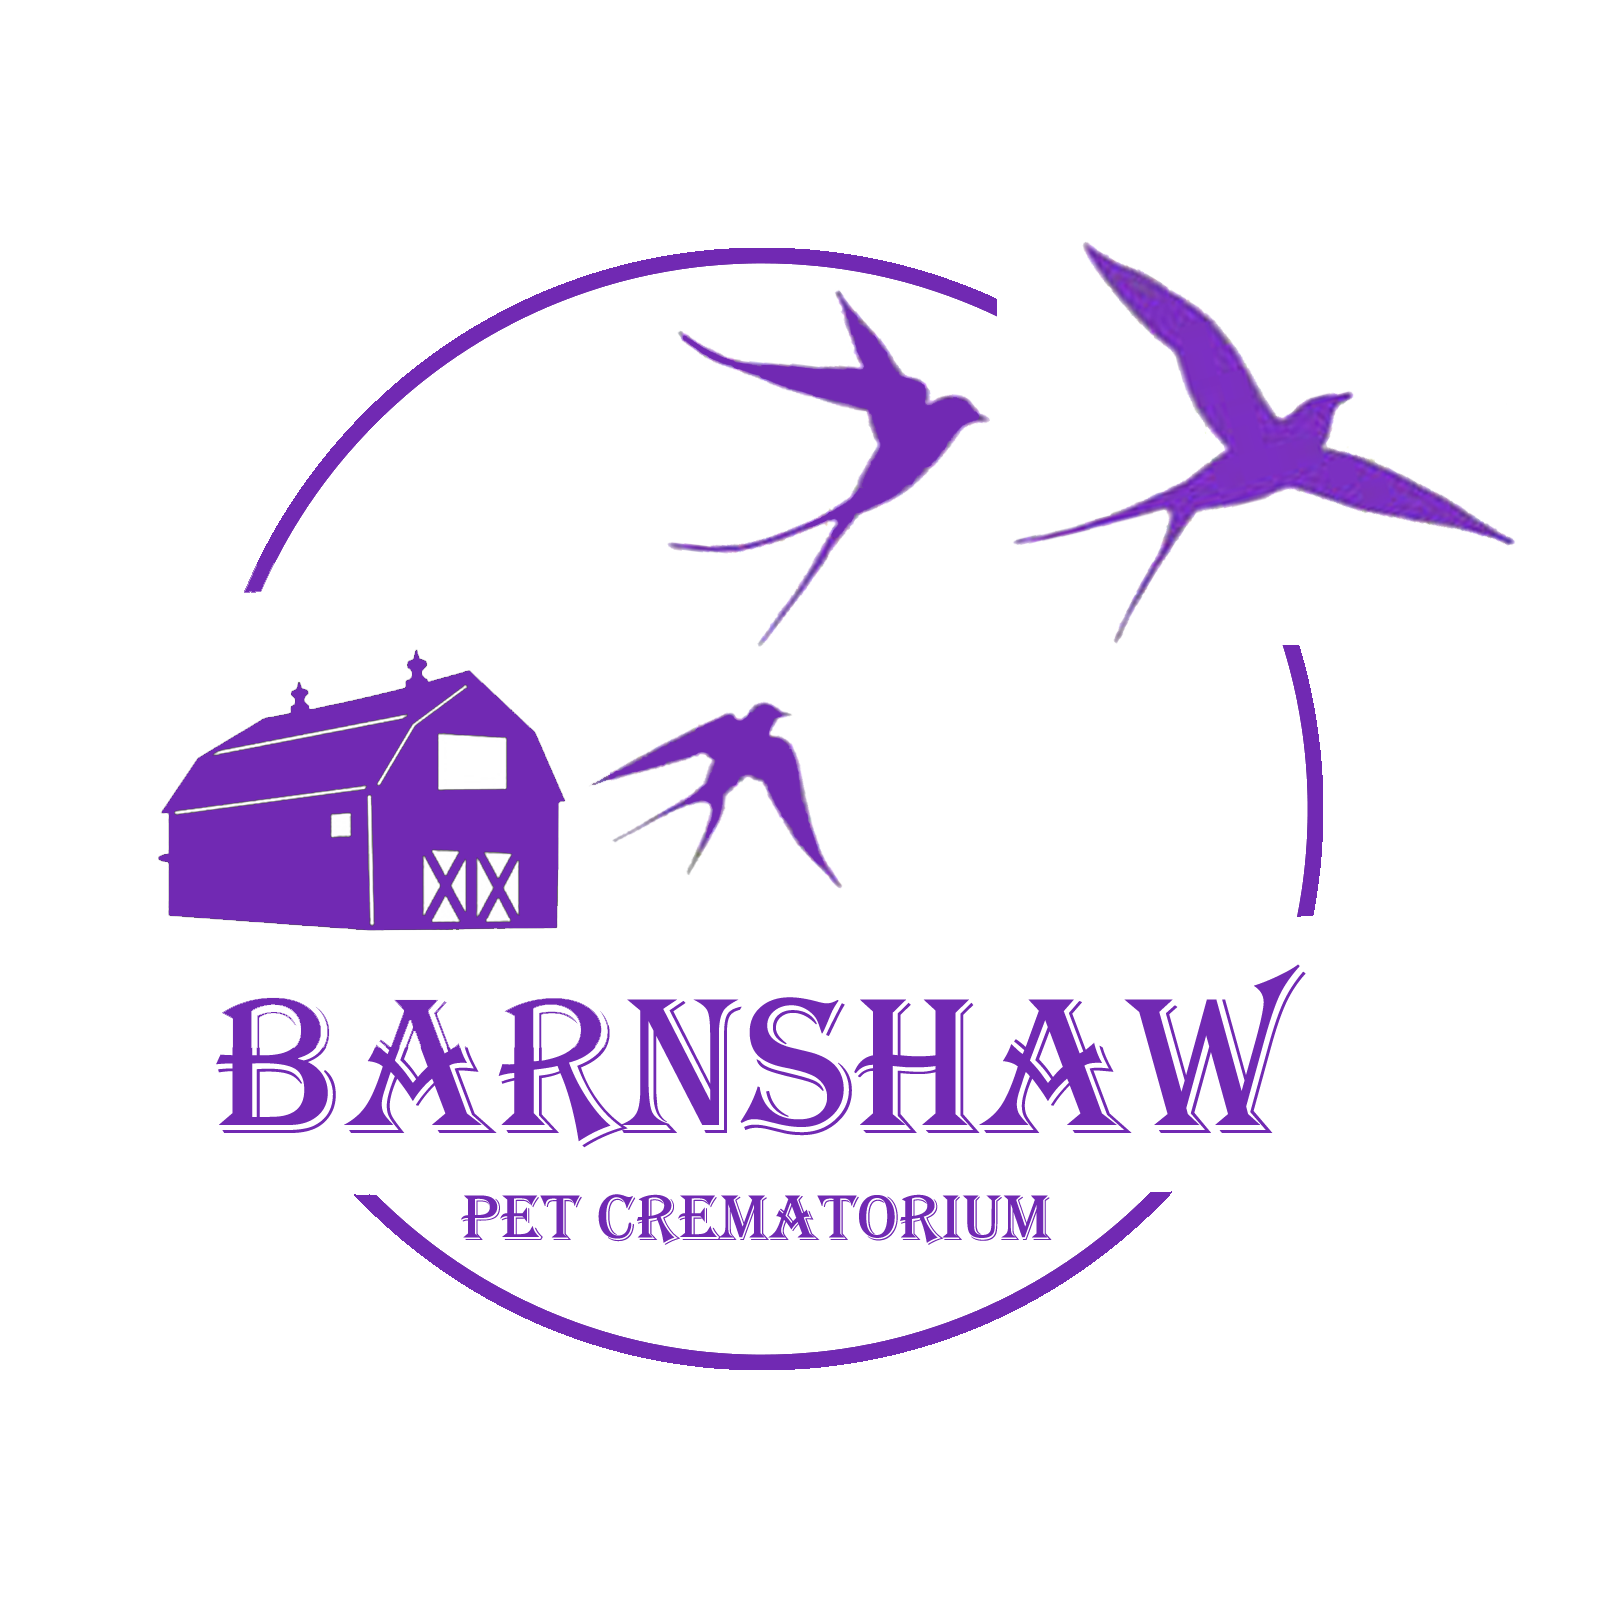 Barnshaw Pet Crematorium